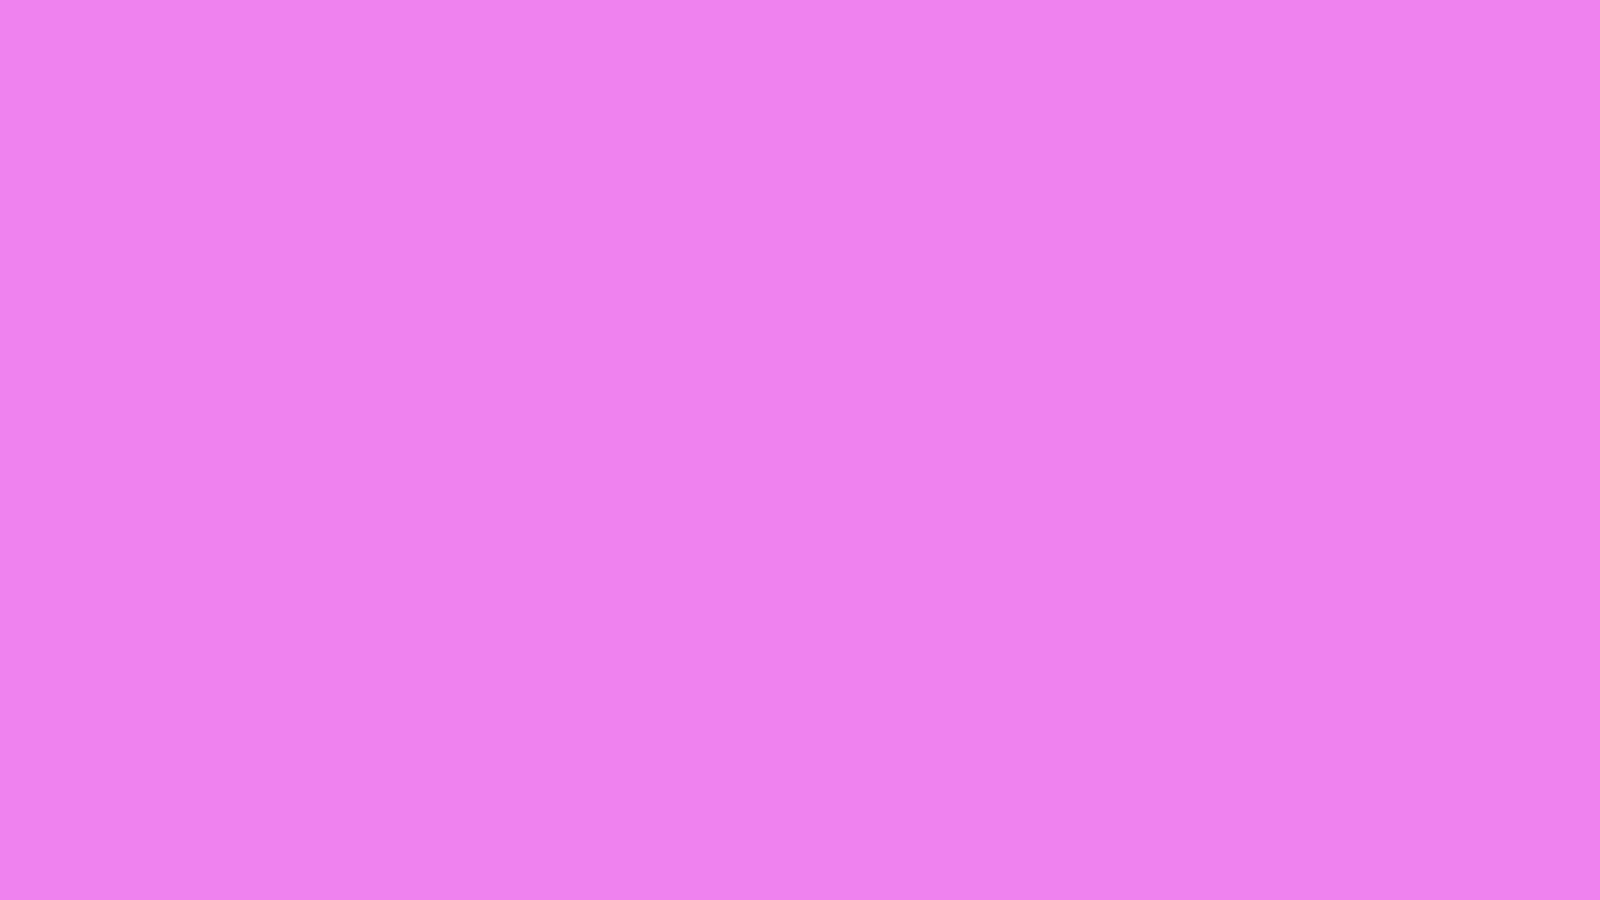 1600x900 Violet Web Solid Color Background